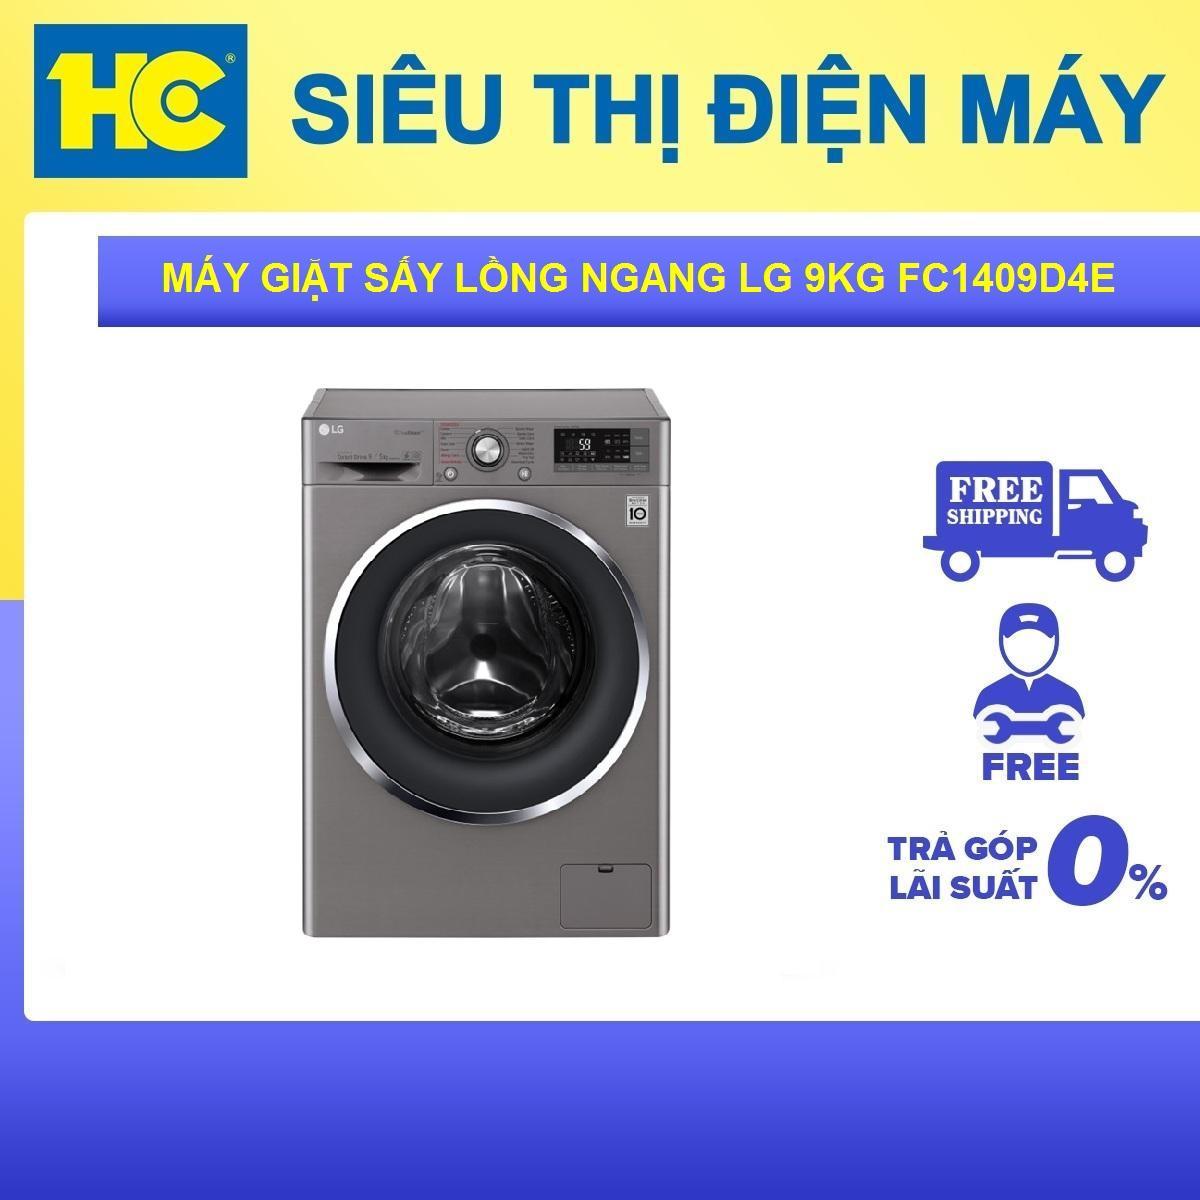 Máy giặt sấy lồng ngang Inverter 9kg LG FC1409D4E-Tiết kiệm điện với Công nghệ giặt 6 chuyển động-Bảo hành 2 năm